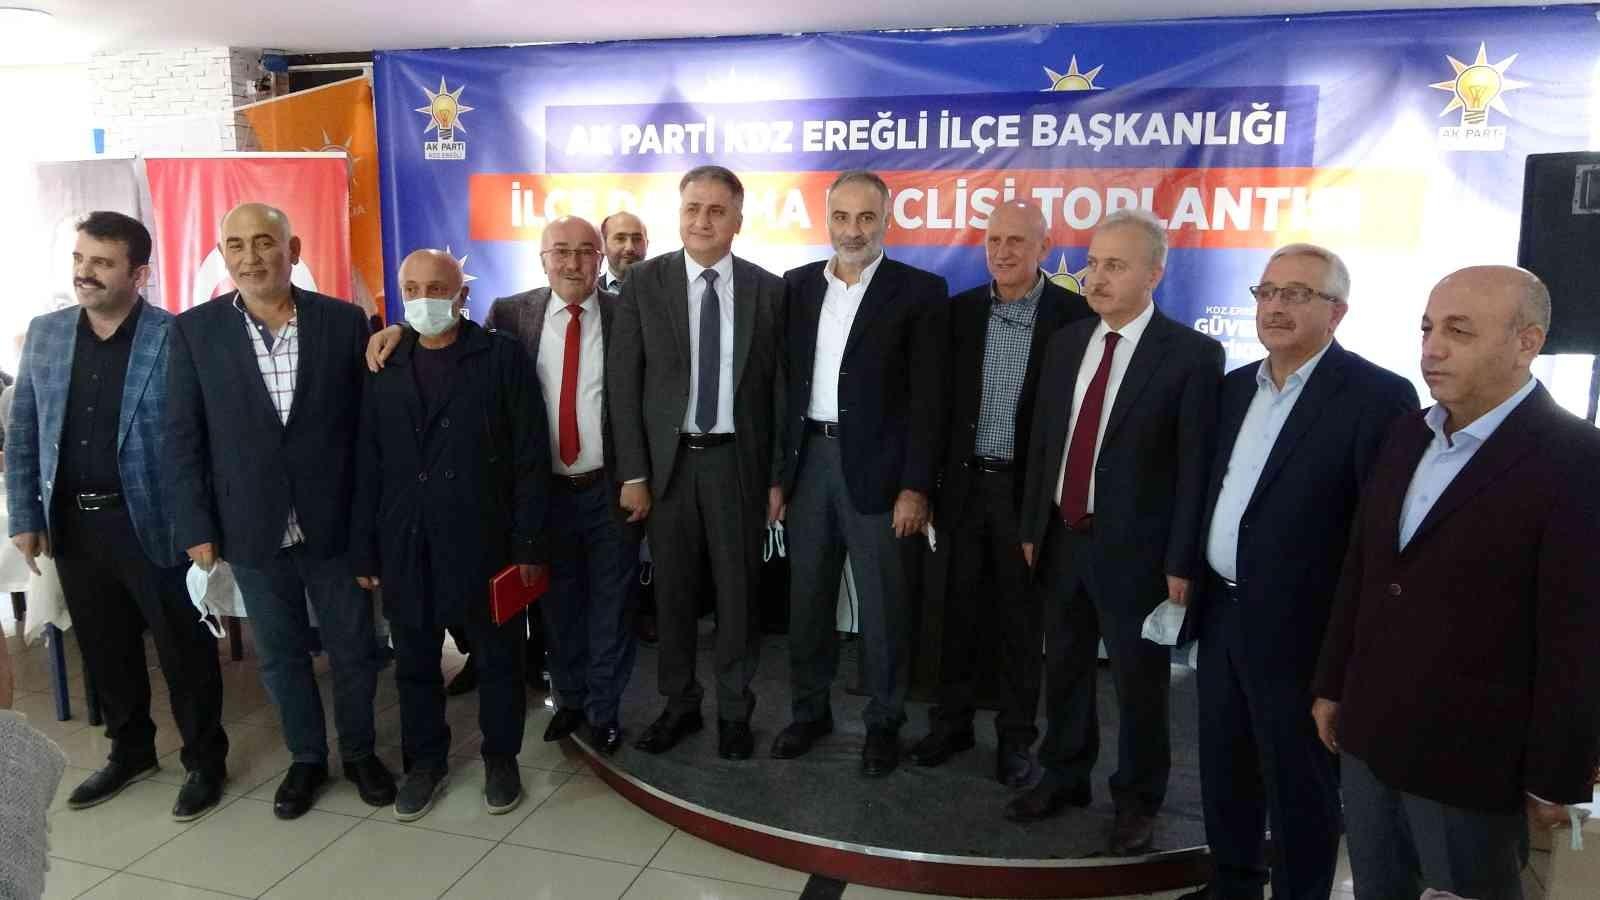 AK Parti İlçe Teşkilatı'ndan Posbıyık'a yanıt